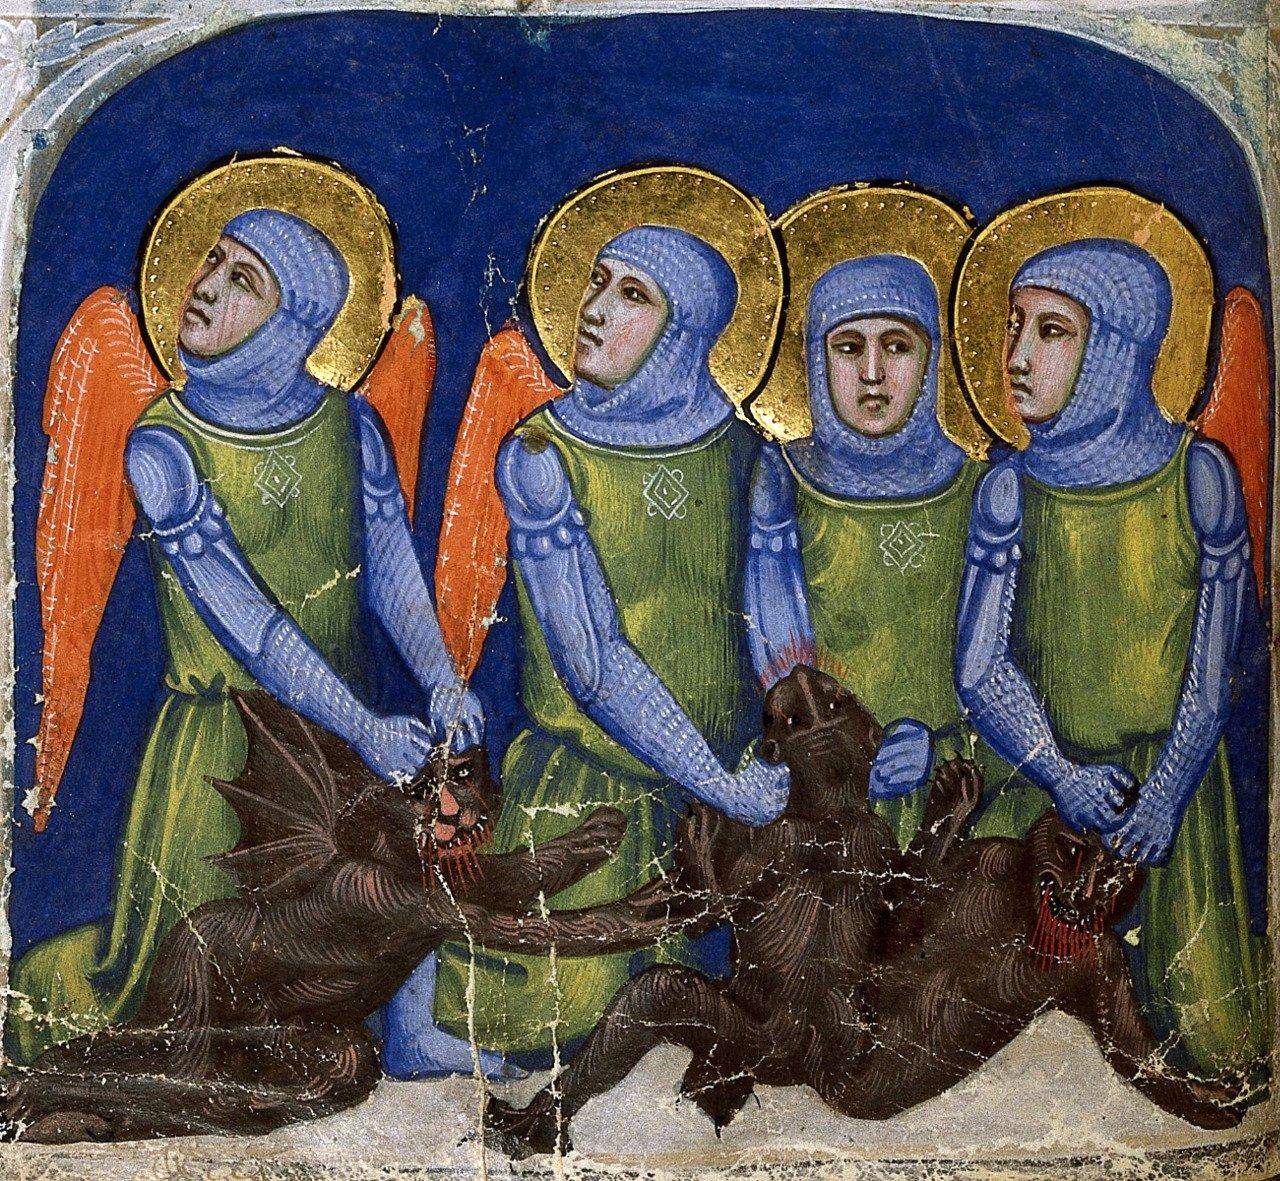 пандульф нормандцы норманны южная италия предательство отвратителььные мужики